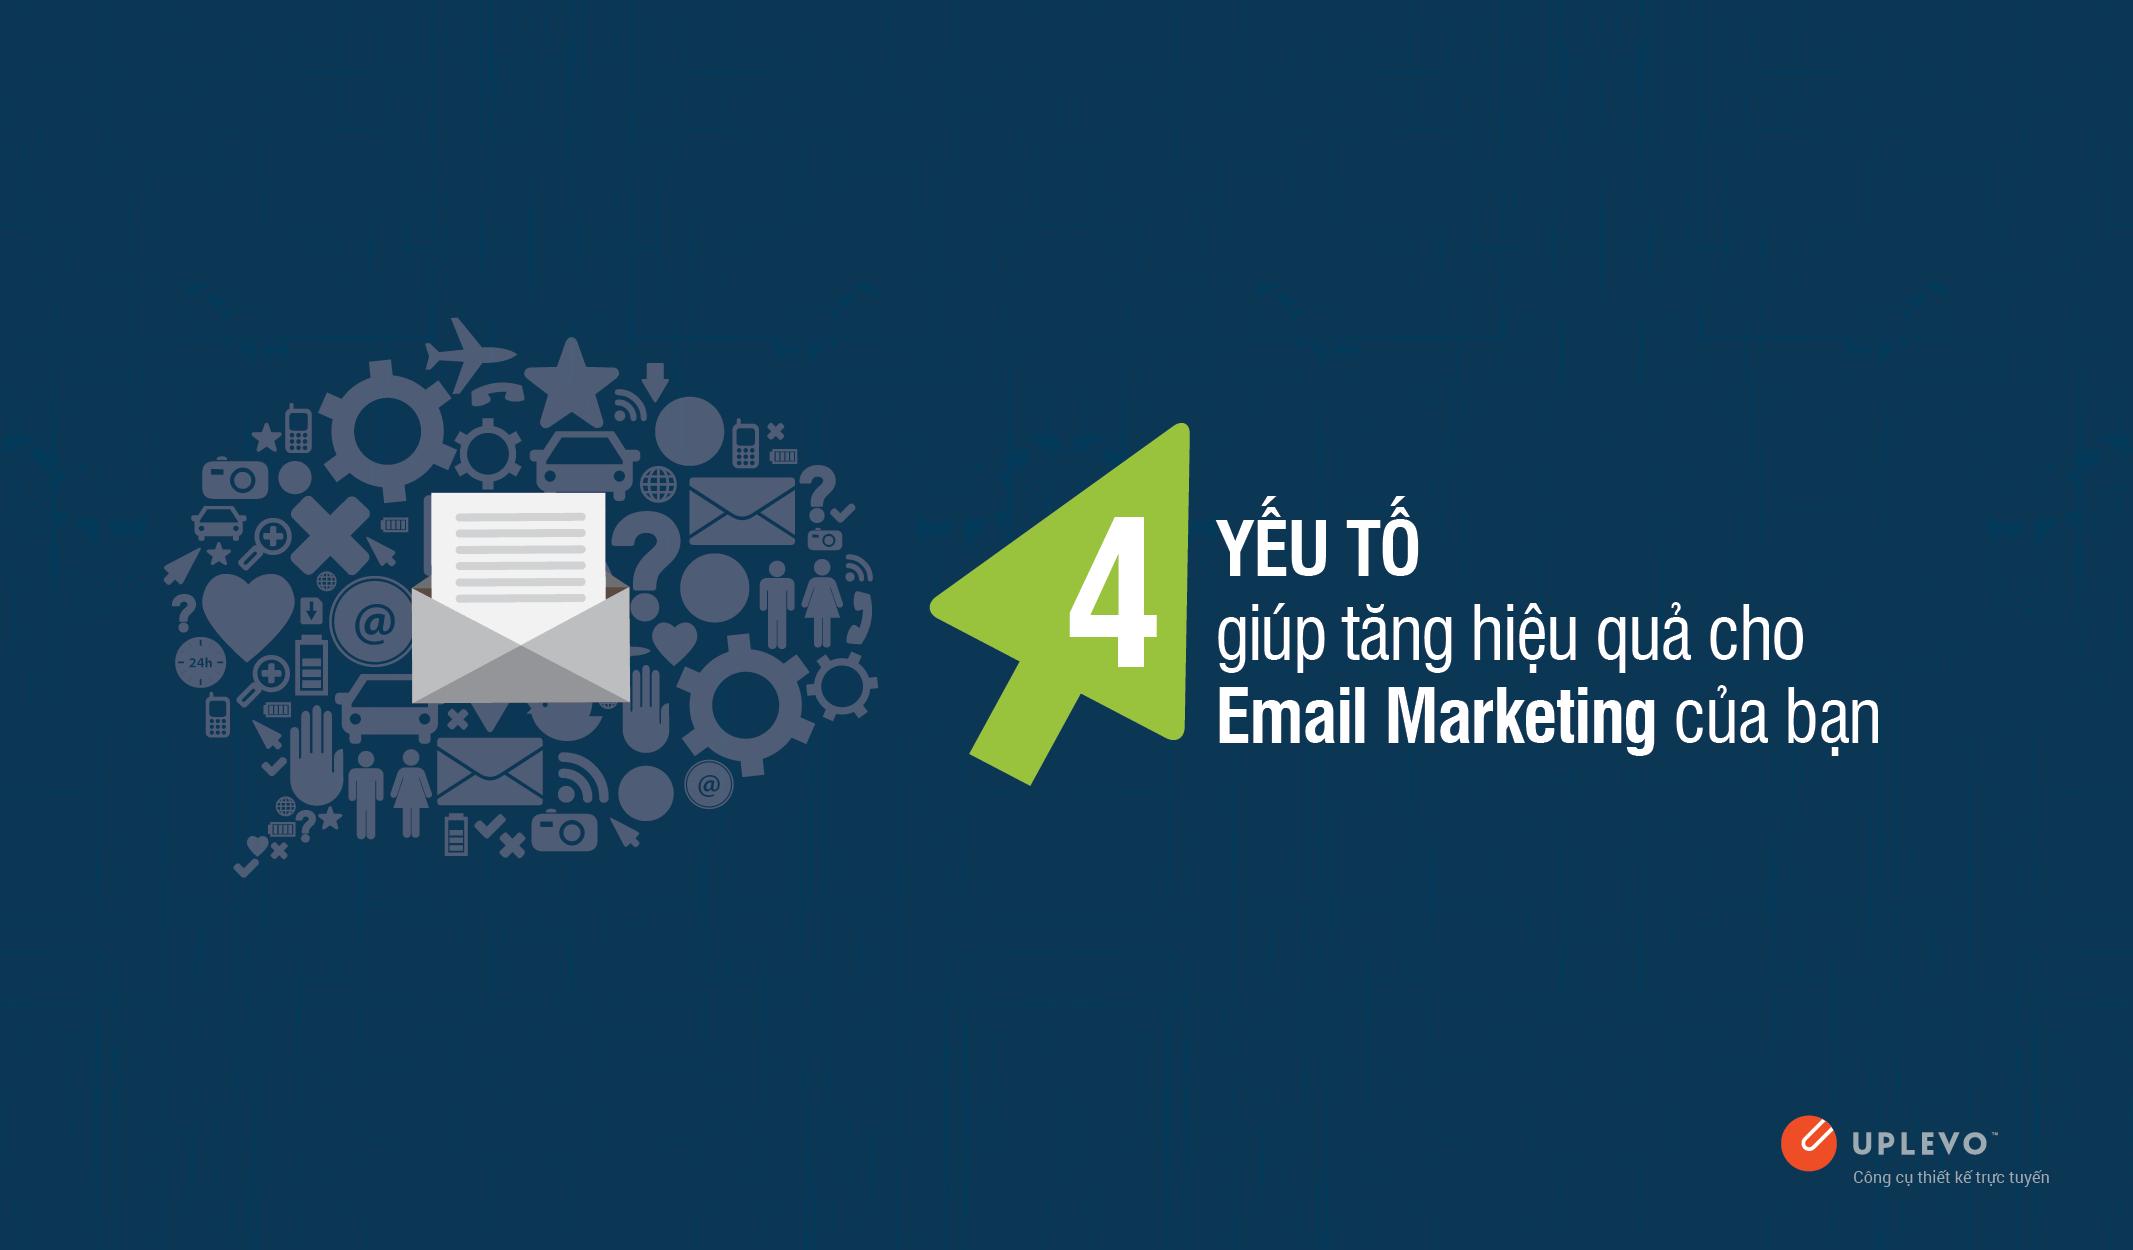 4 Yếu Tố Giúp Tăng Hiệu Quả Cho Email Marketing Của Bạn